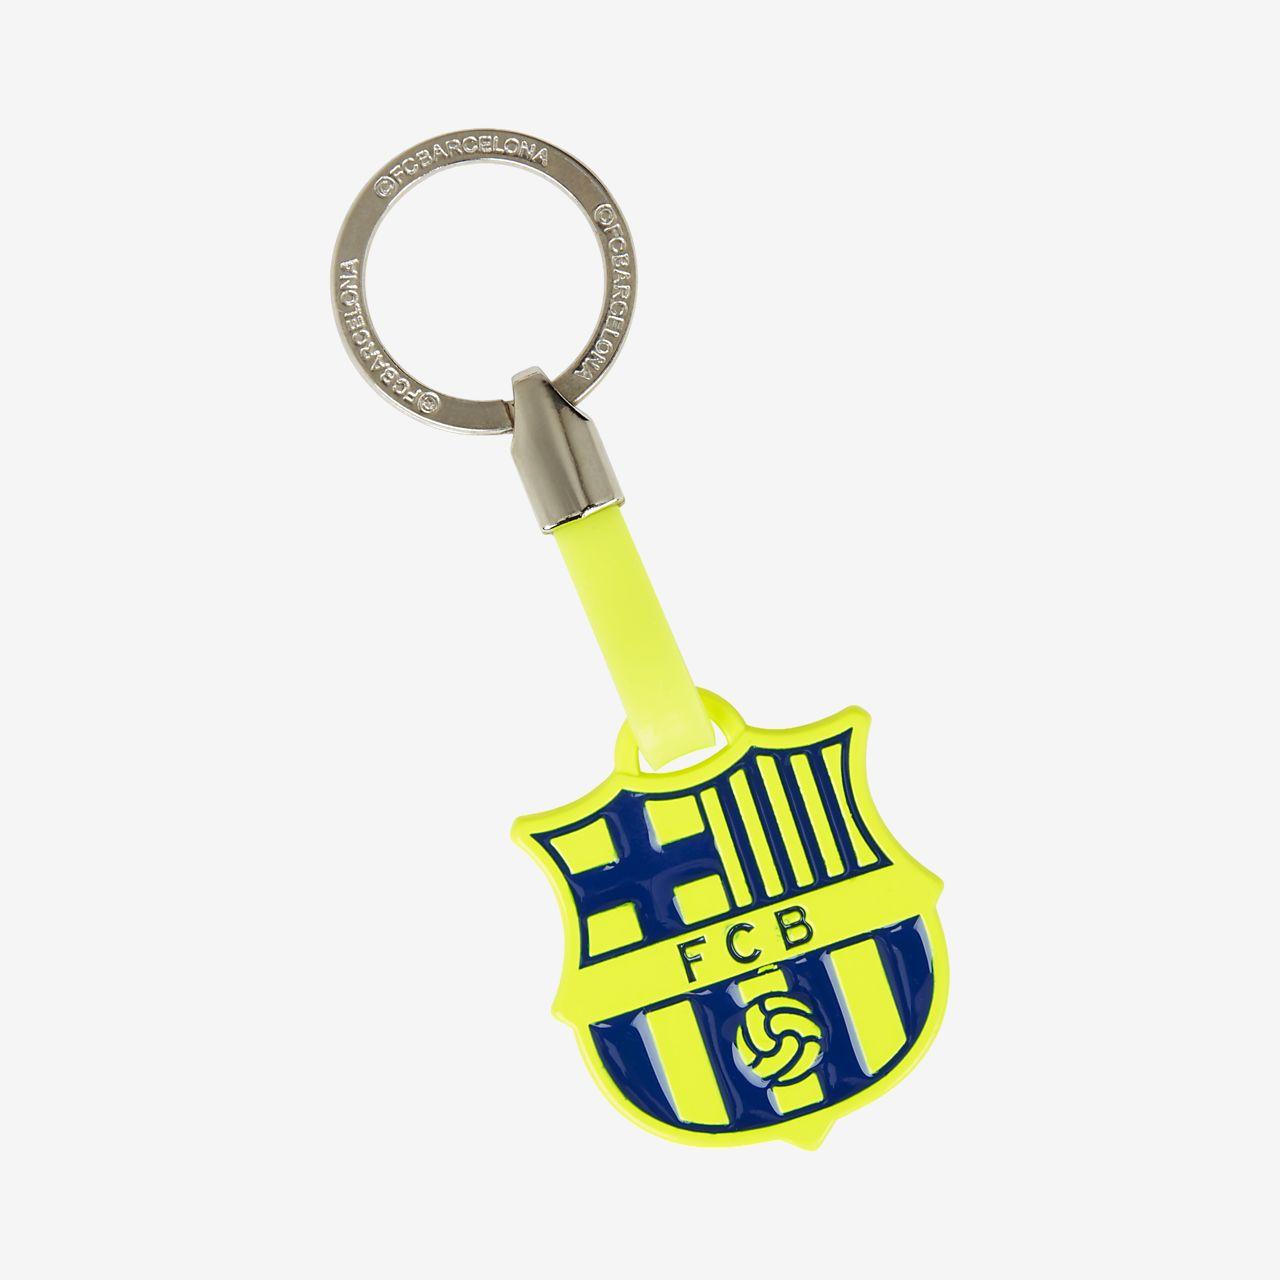 FC Barcelona Crest - nøglering